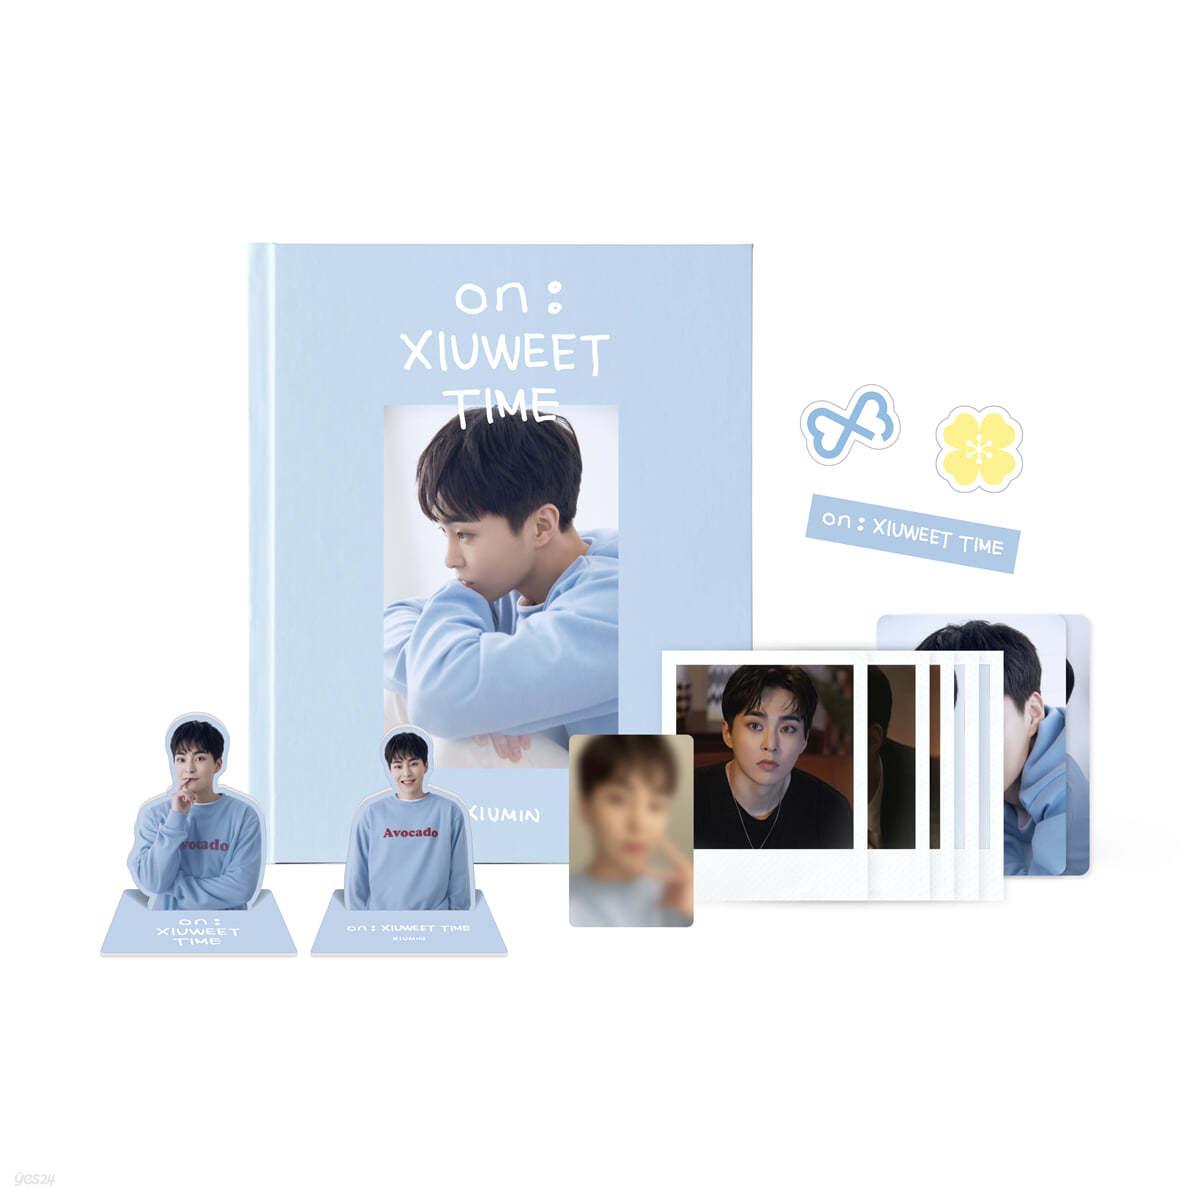 시우민 (XIUMIN) - ON : XIUWEET TIME PHOTO STORY BOOK